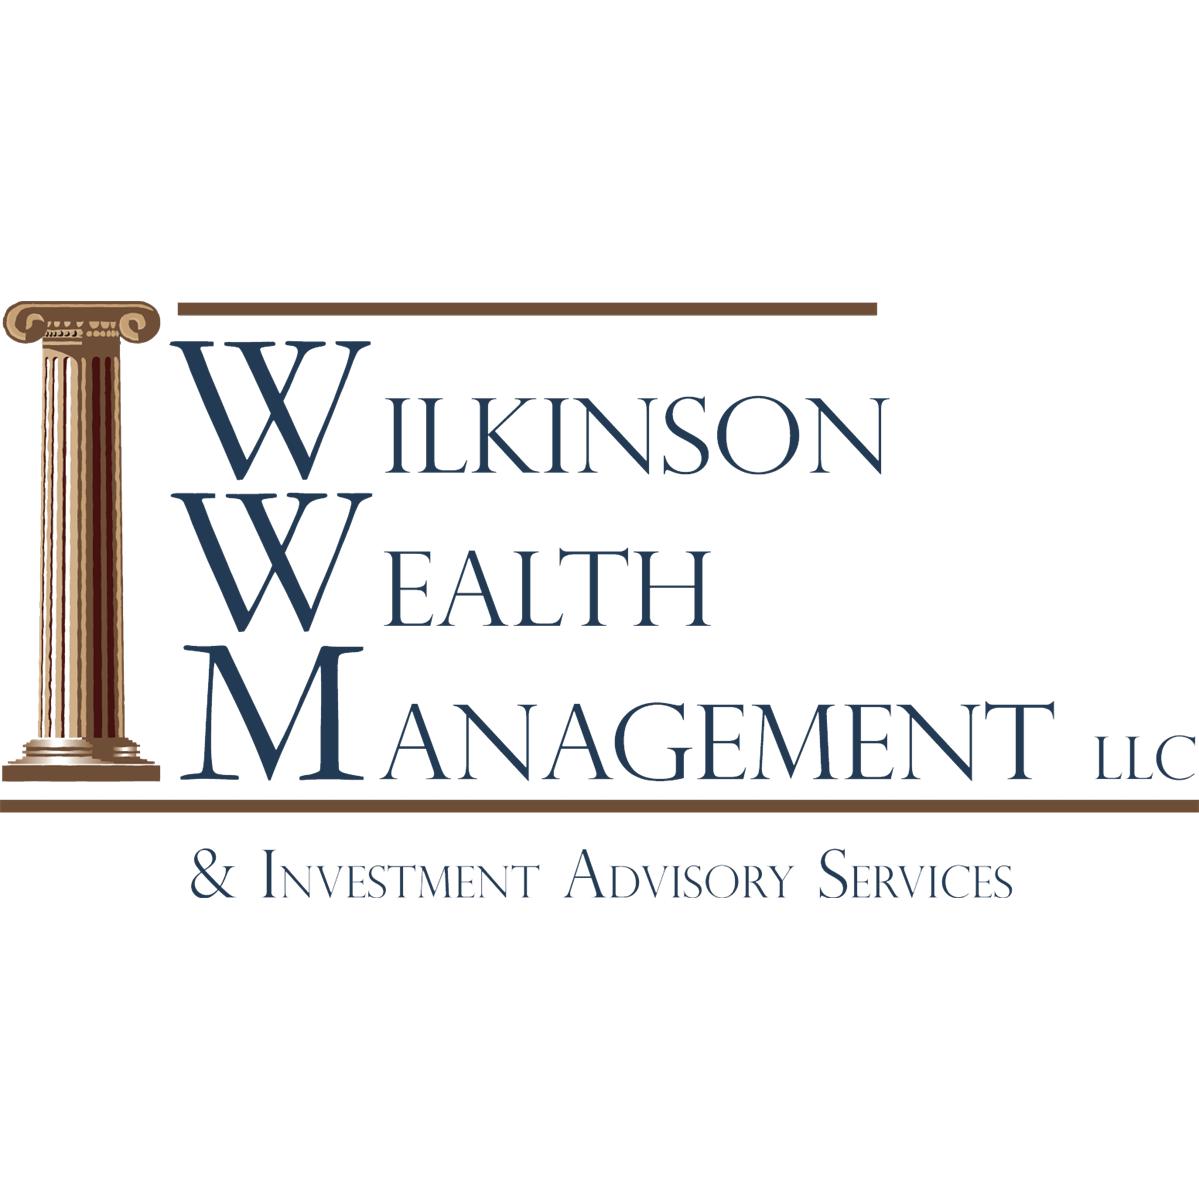 Wilkinson Wealth Management